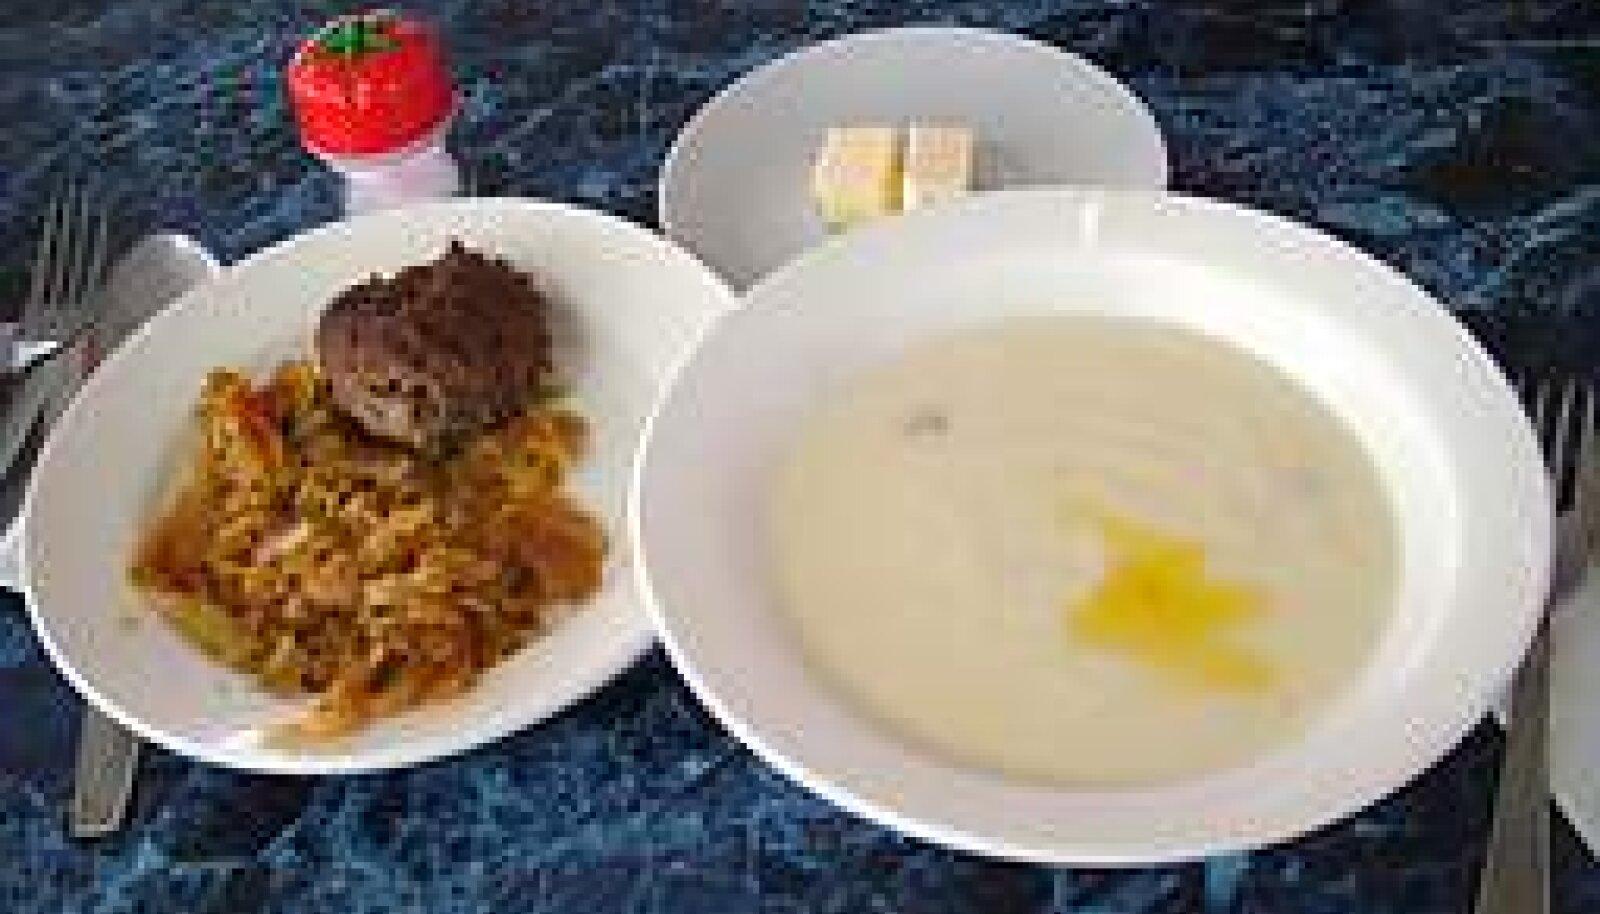 Sööklanostalgia: Riisipuder paari rosinaga, hapukapsas kotletiga ja must tee. KADRI KÕUSAAR